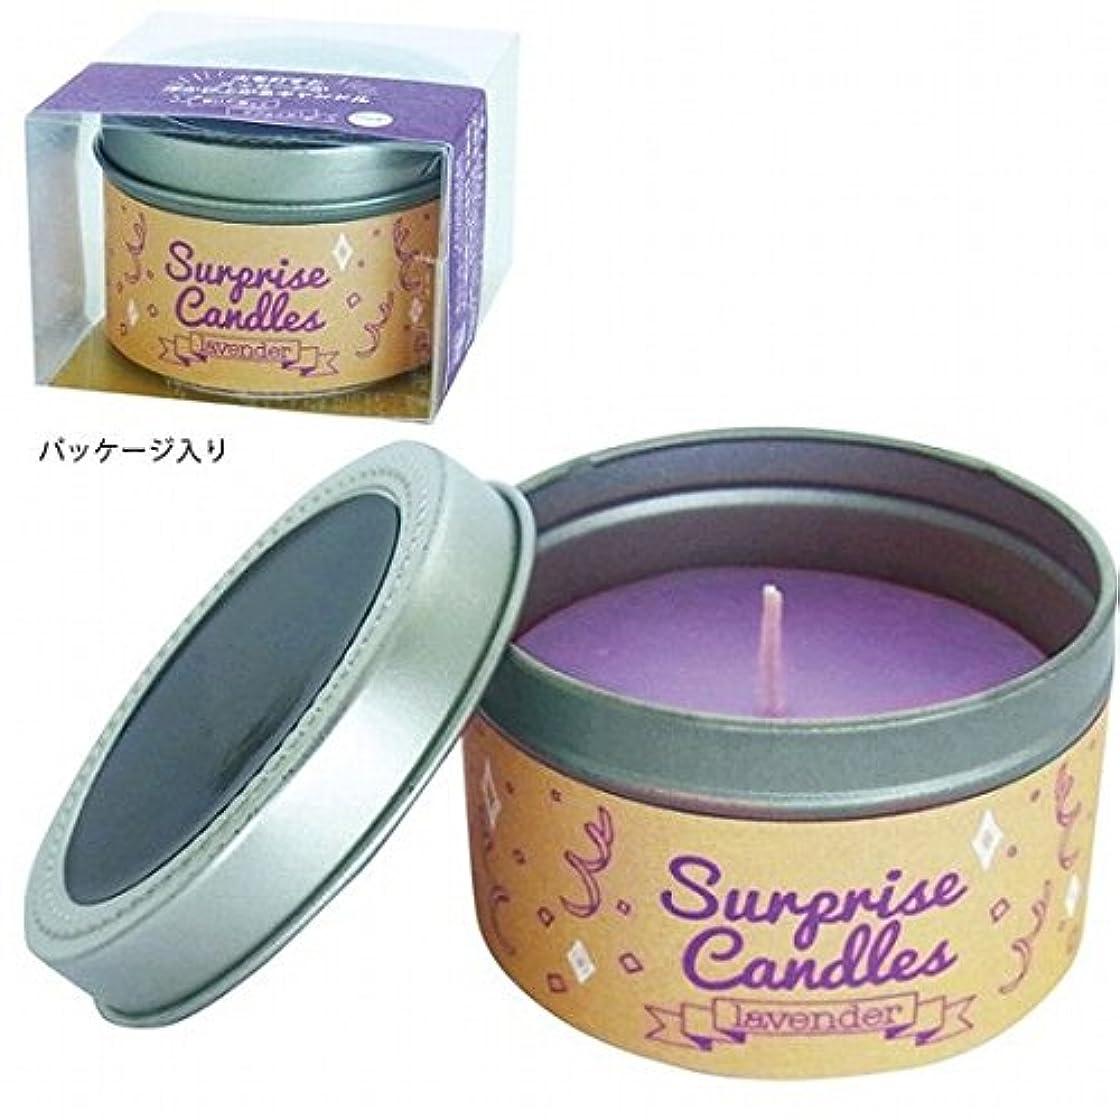 ハントバリケード失態kameyama candle(カメヤマキャンドル) サプライズキャンドル 「ラベンダー」(A207005020)